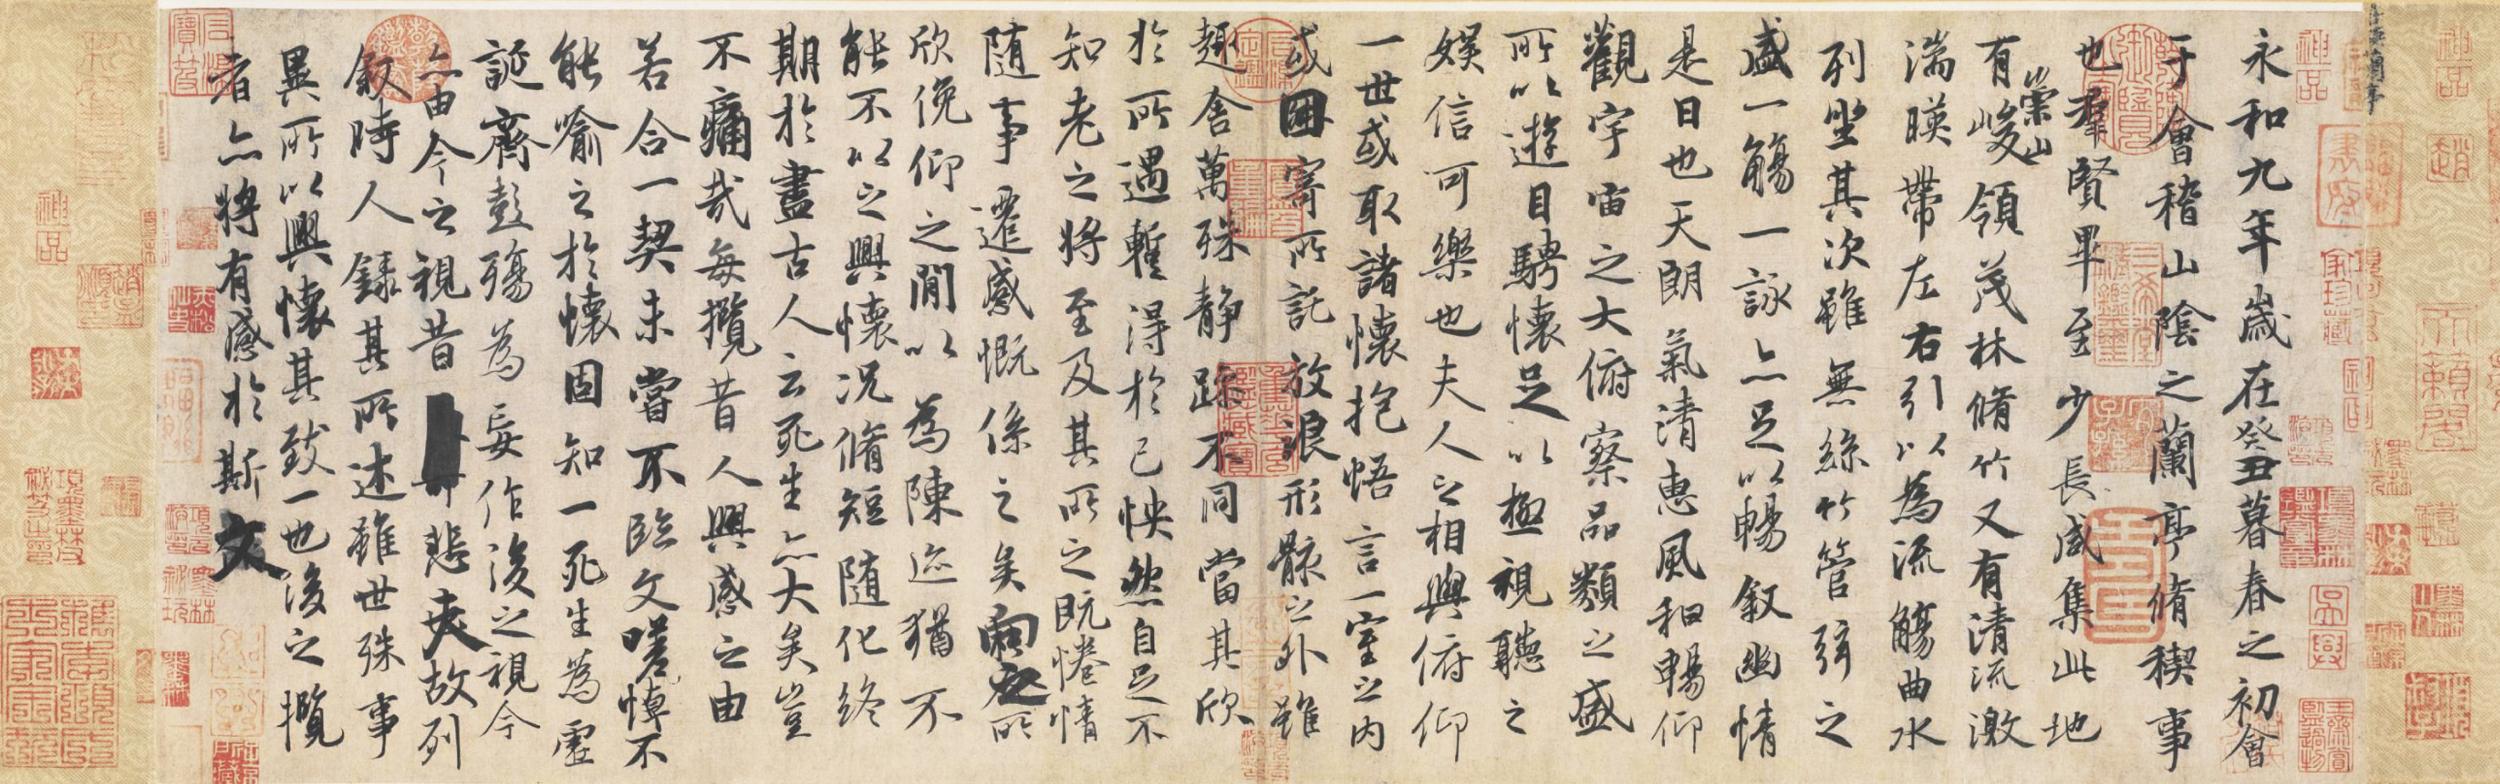 王羲之兰亭集序书法(唐代冯承素摹)